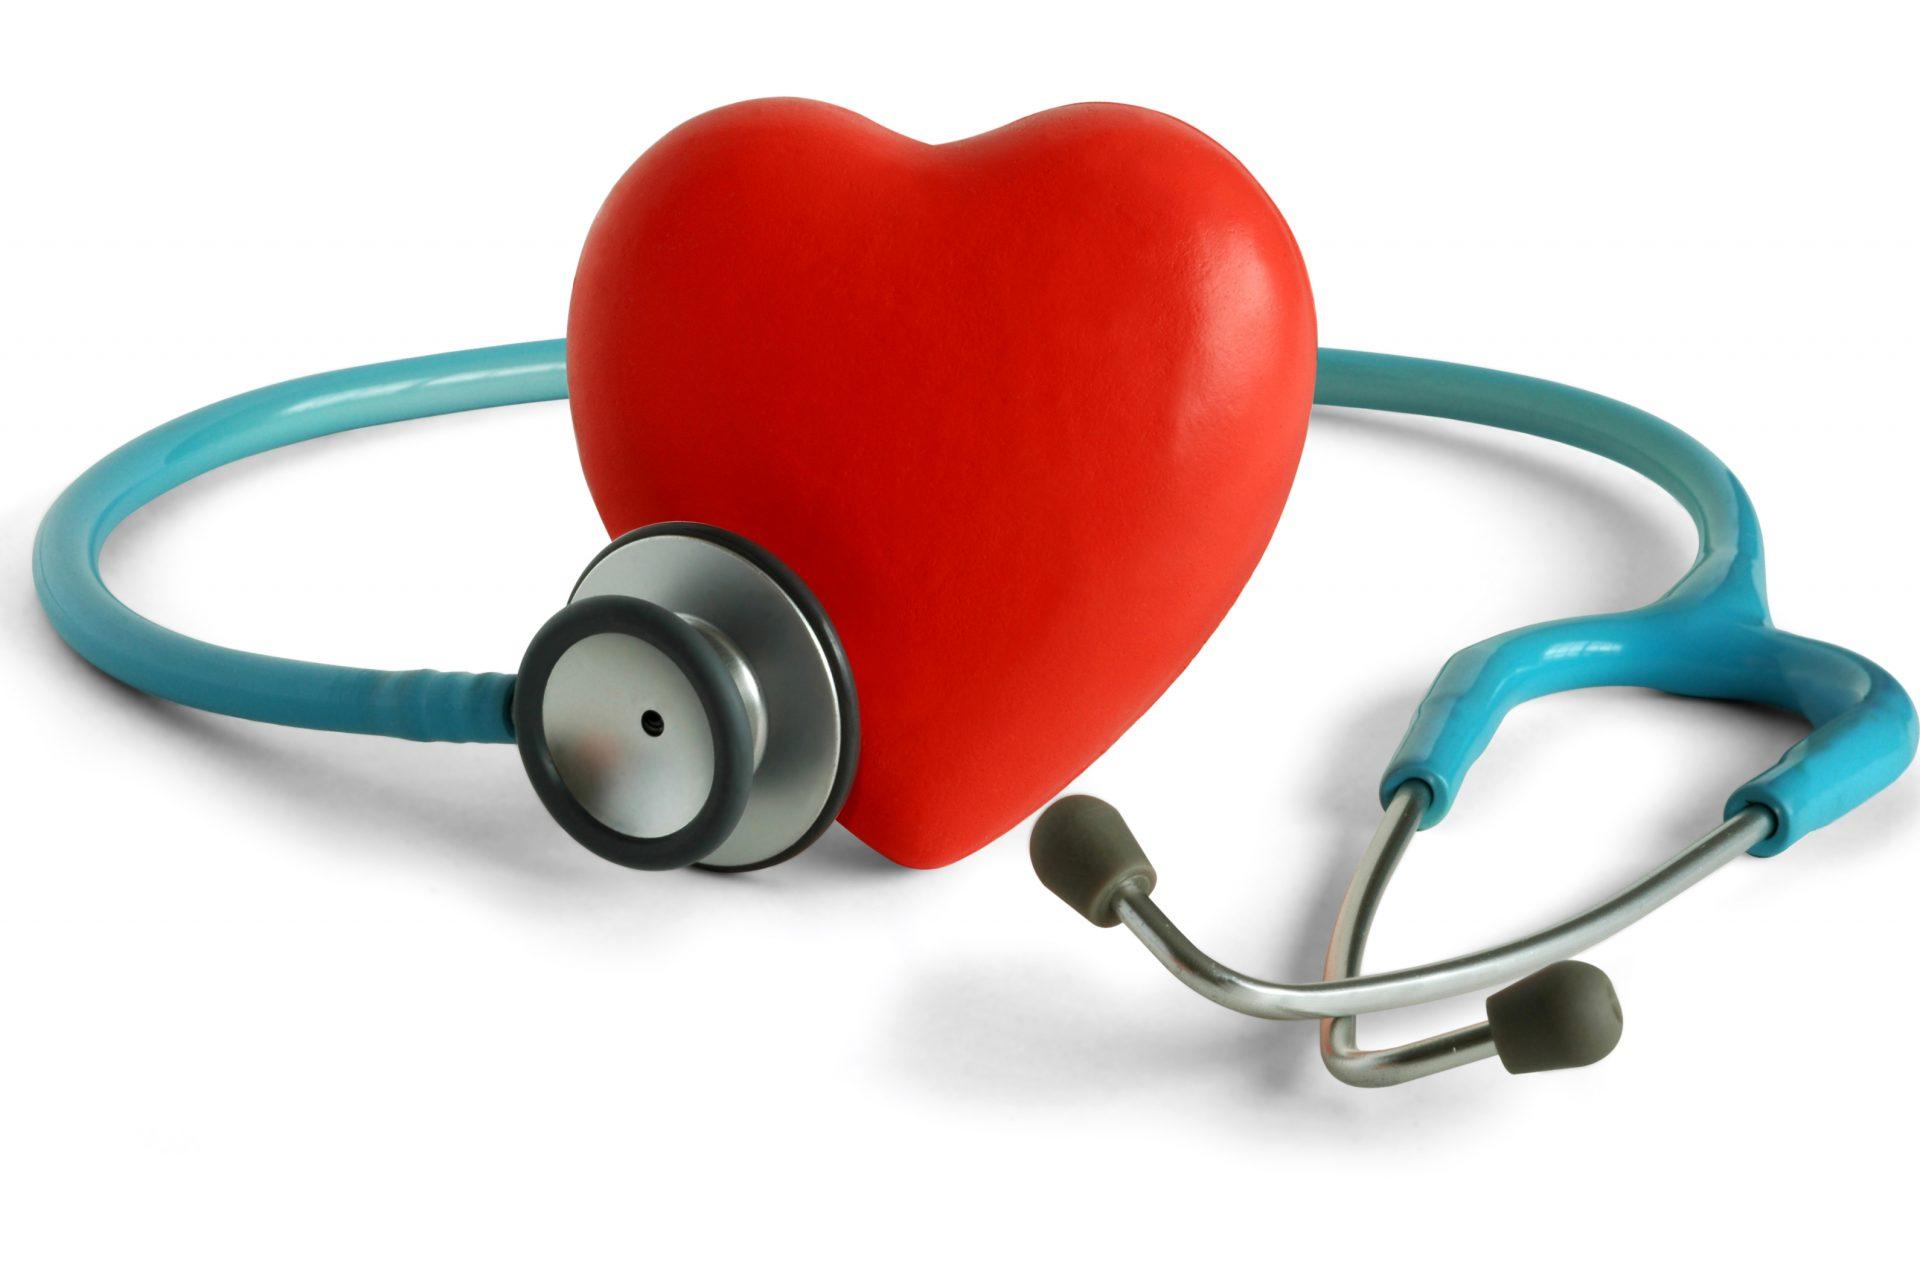 hipertenzija ir vaistai nuo galvos skausmo kraujospūdžiui mažinti hipertenzijos gydymas lorista